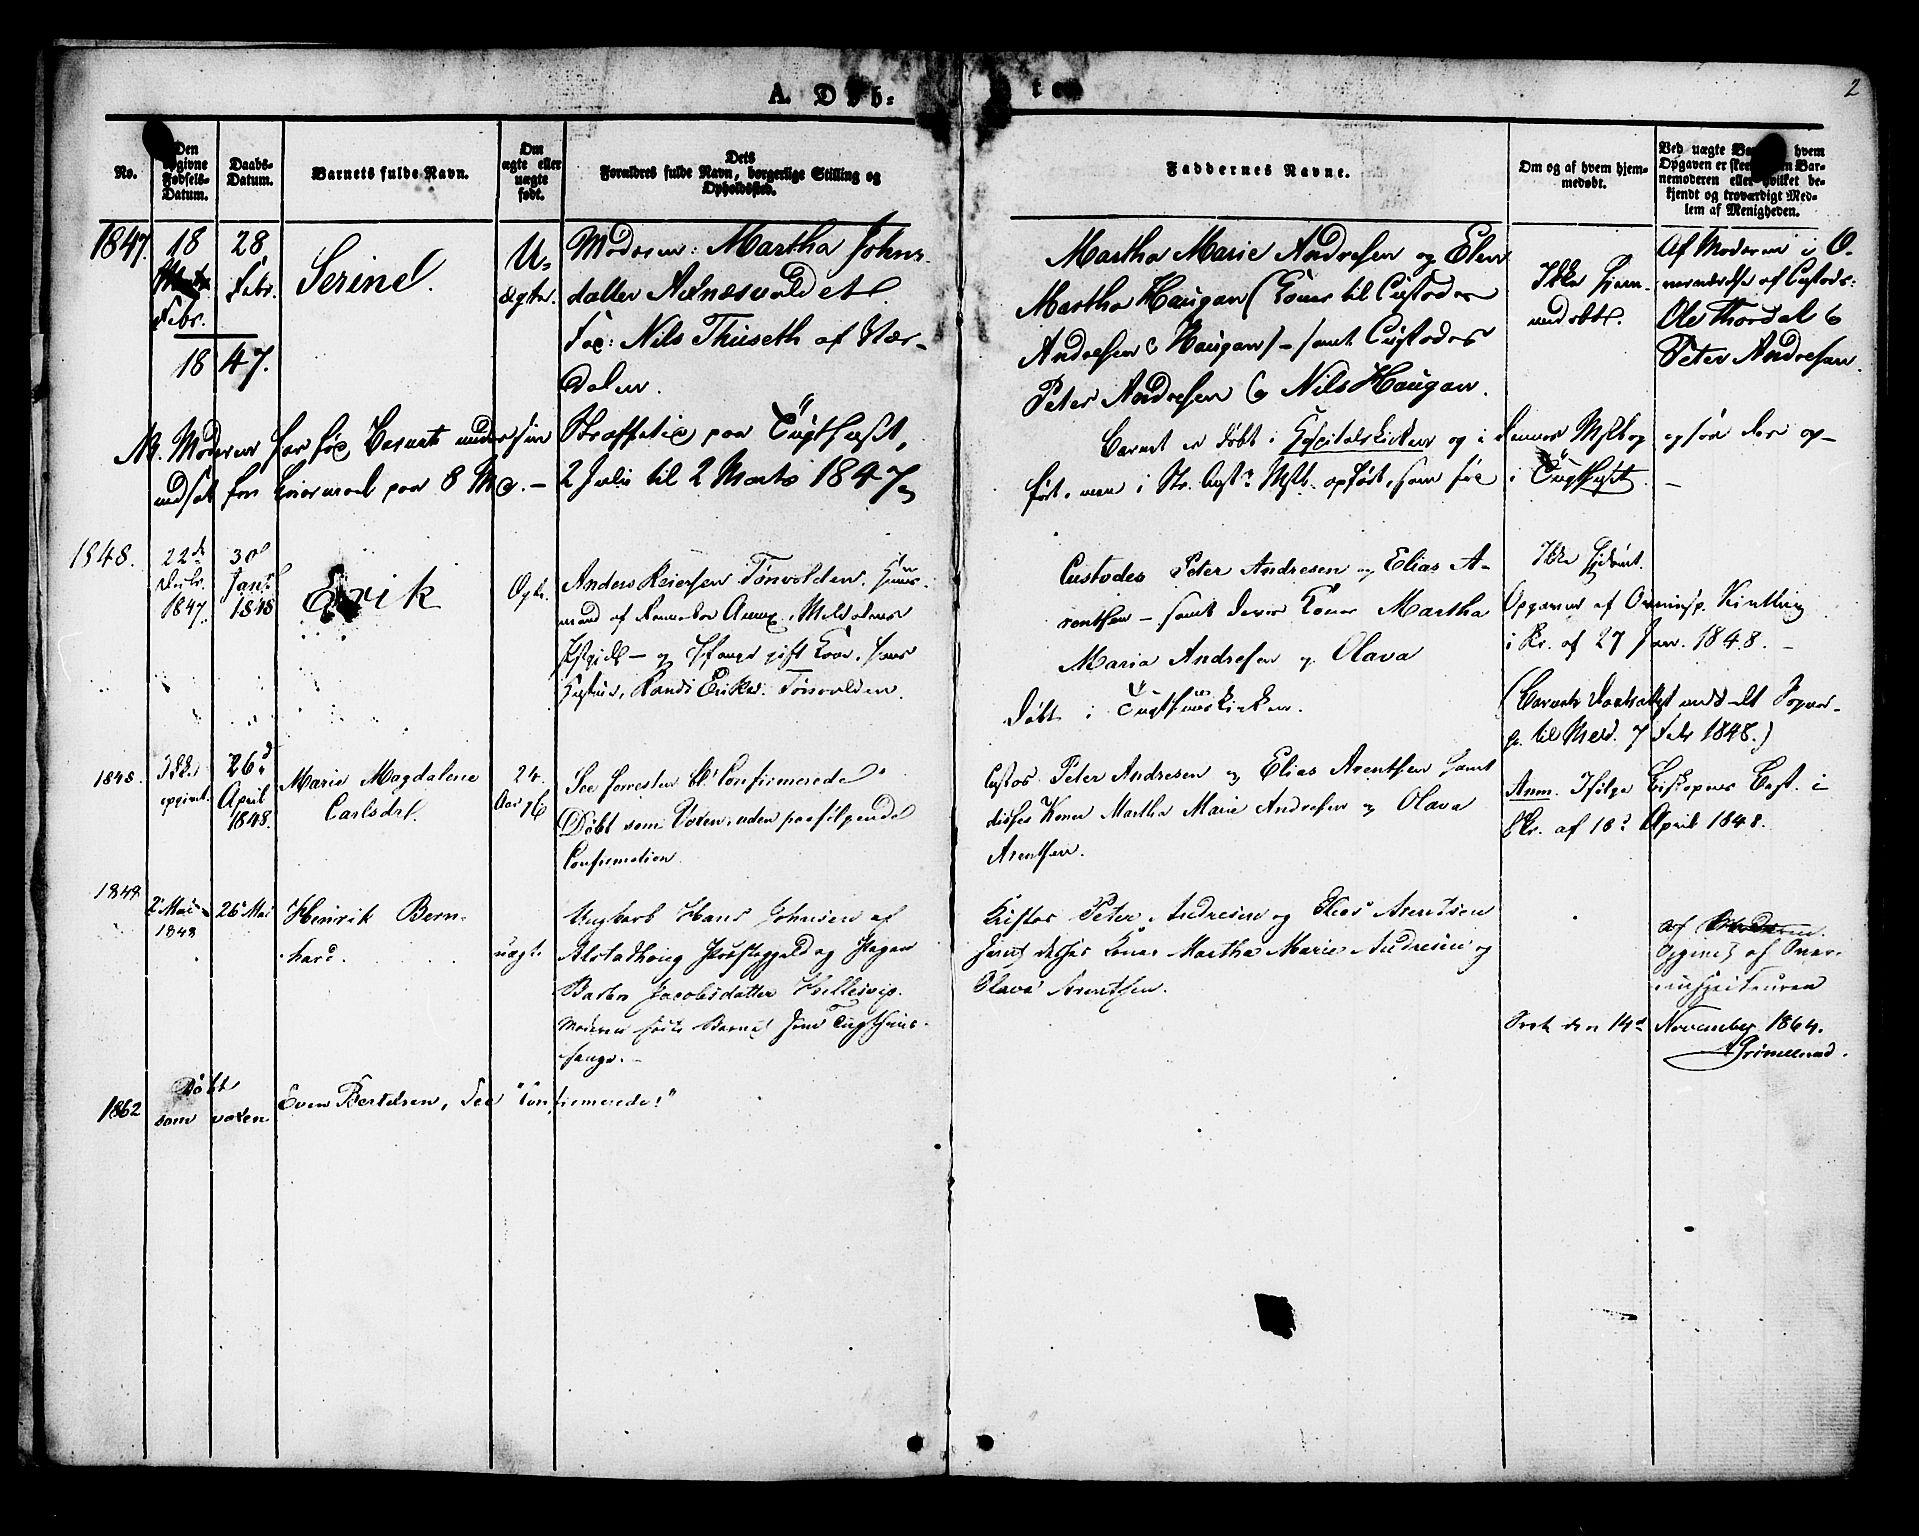 SAT, Ministerialprotokoller, klokkerbøker og fødselsregistre - Sør-Trøndelag, 624/L0480: Ministerialbok nr. 624A01, 1841-1864, s. 2